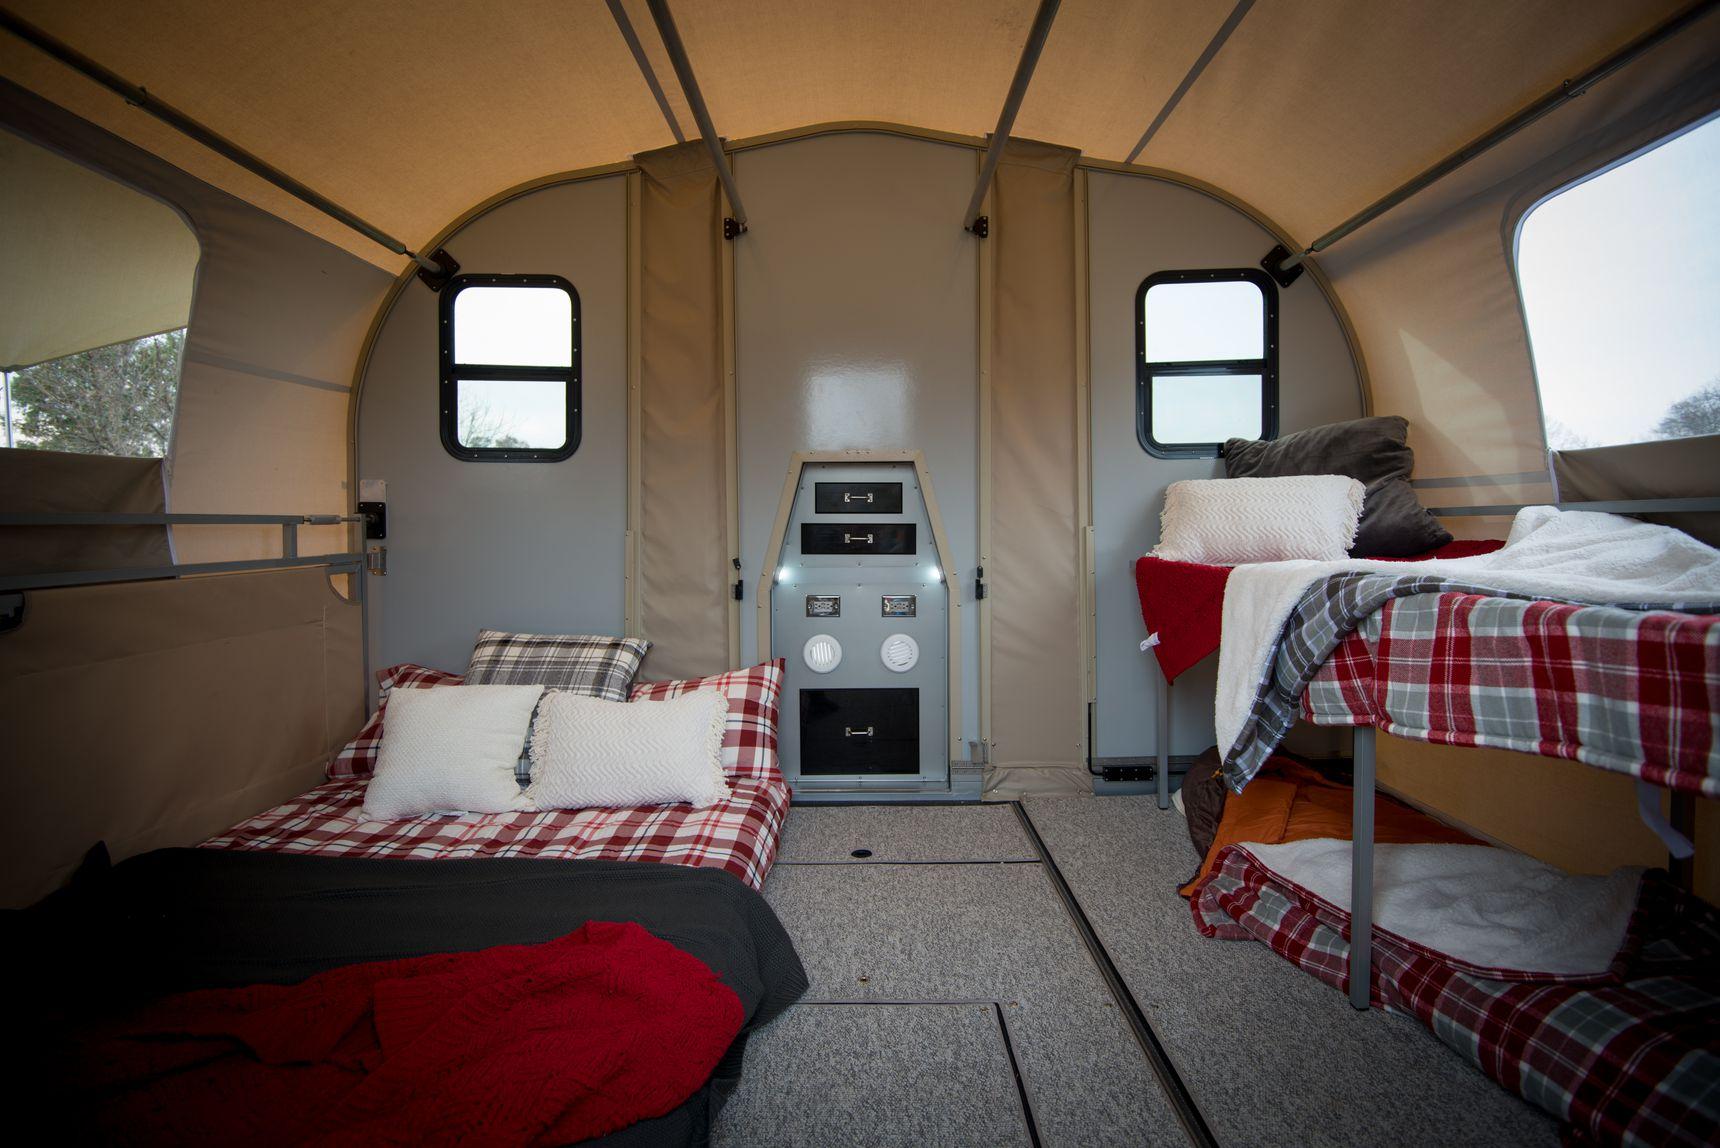 travel trailer - inside